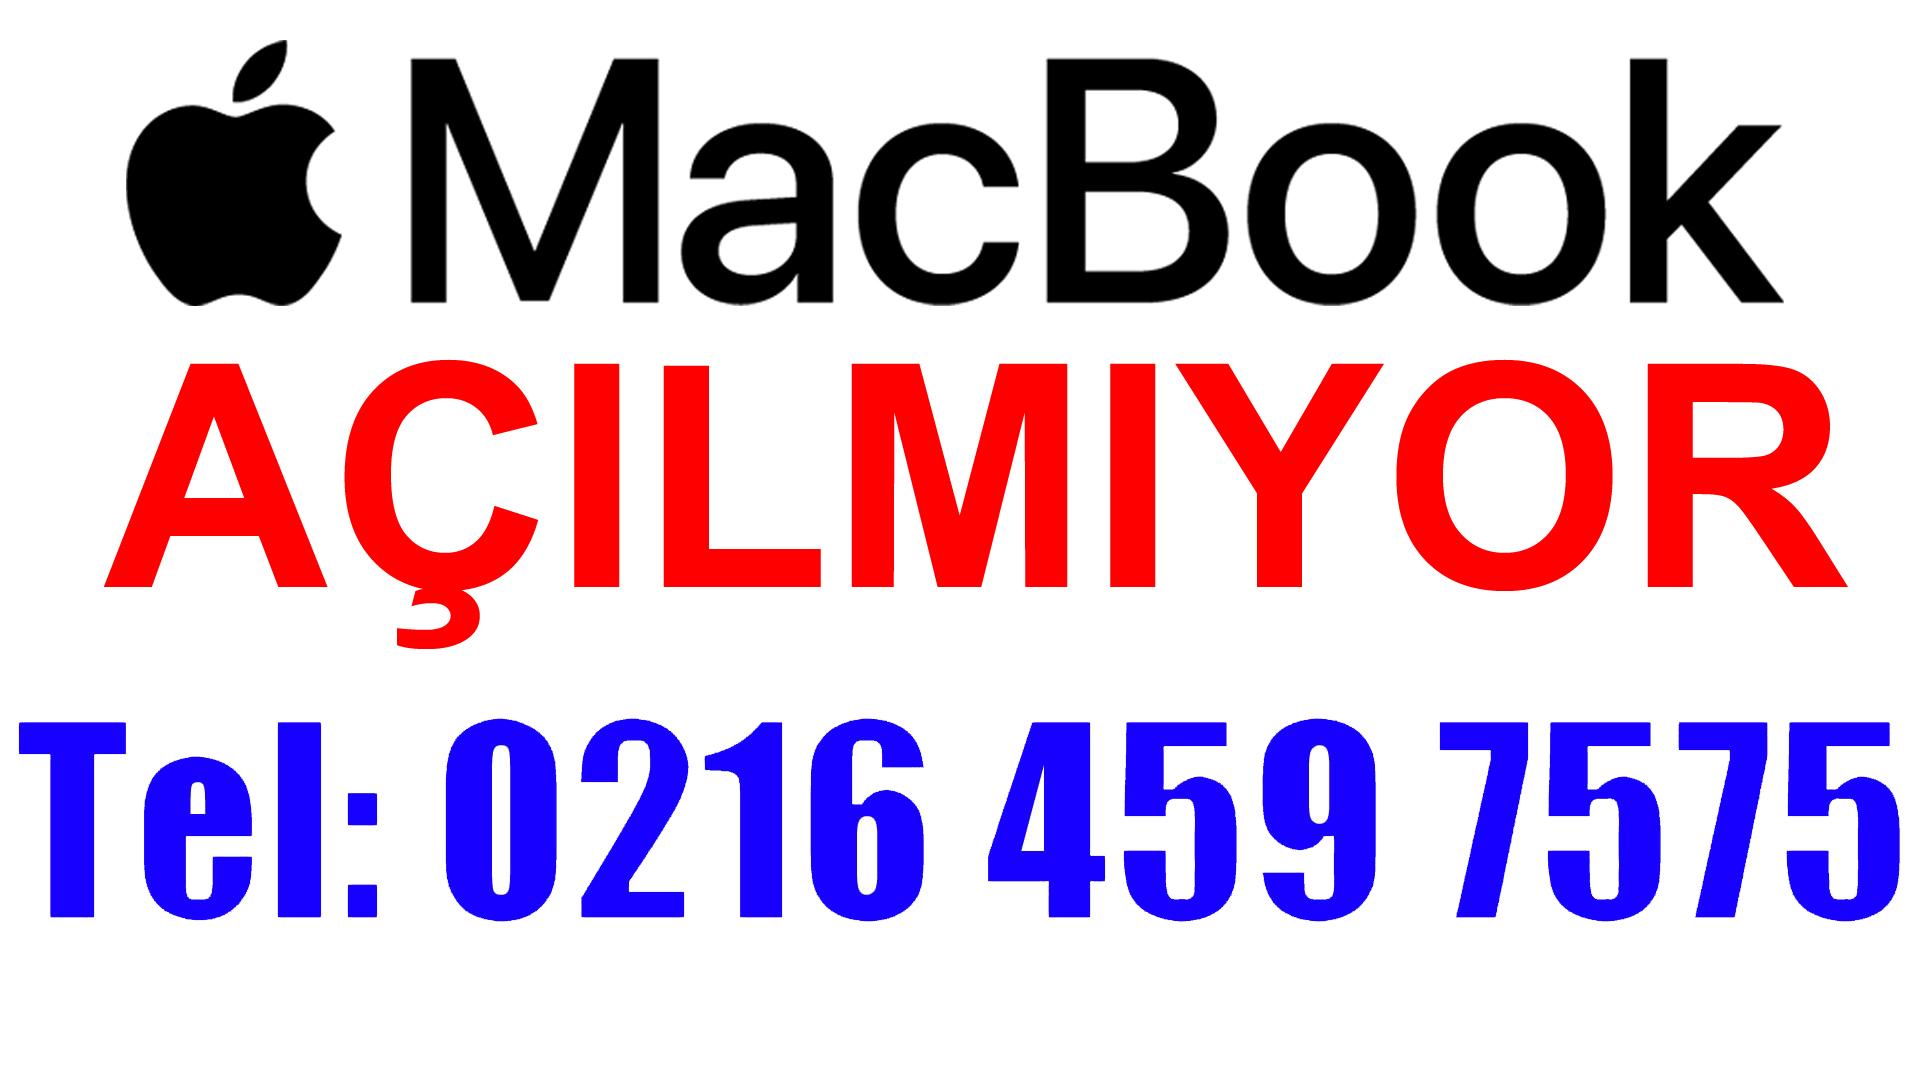 Apple Macbook Açılmıyor